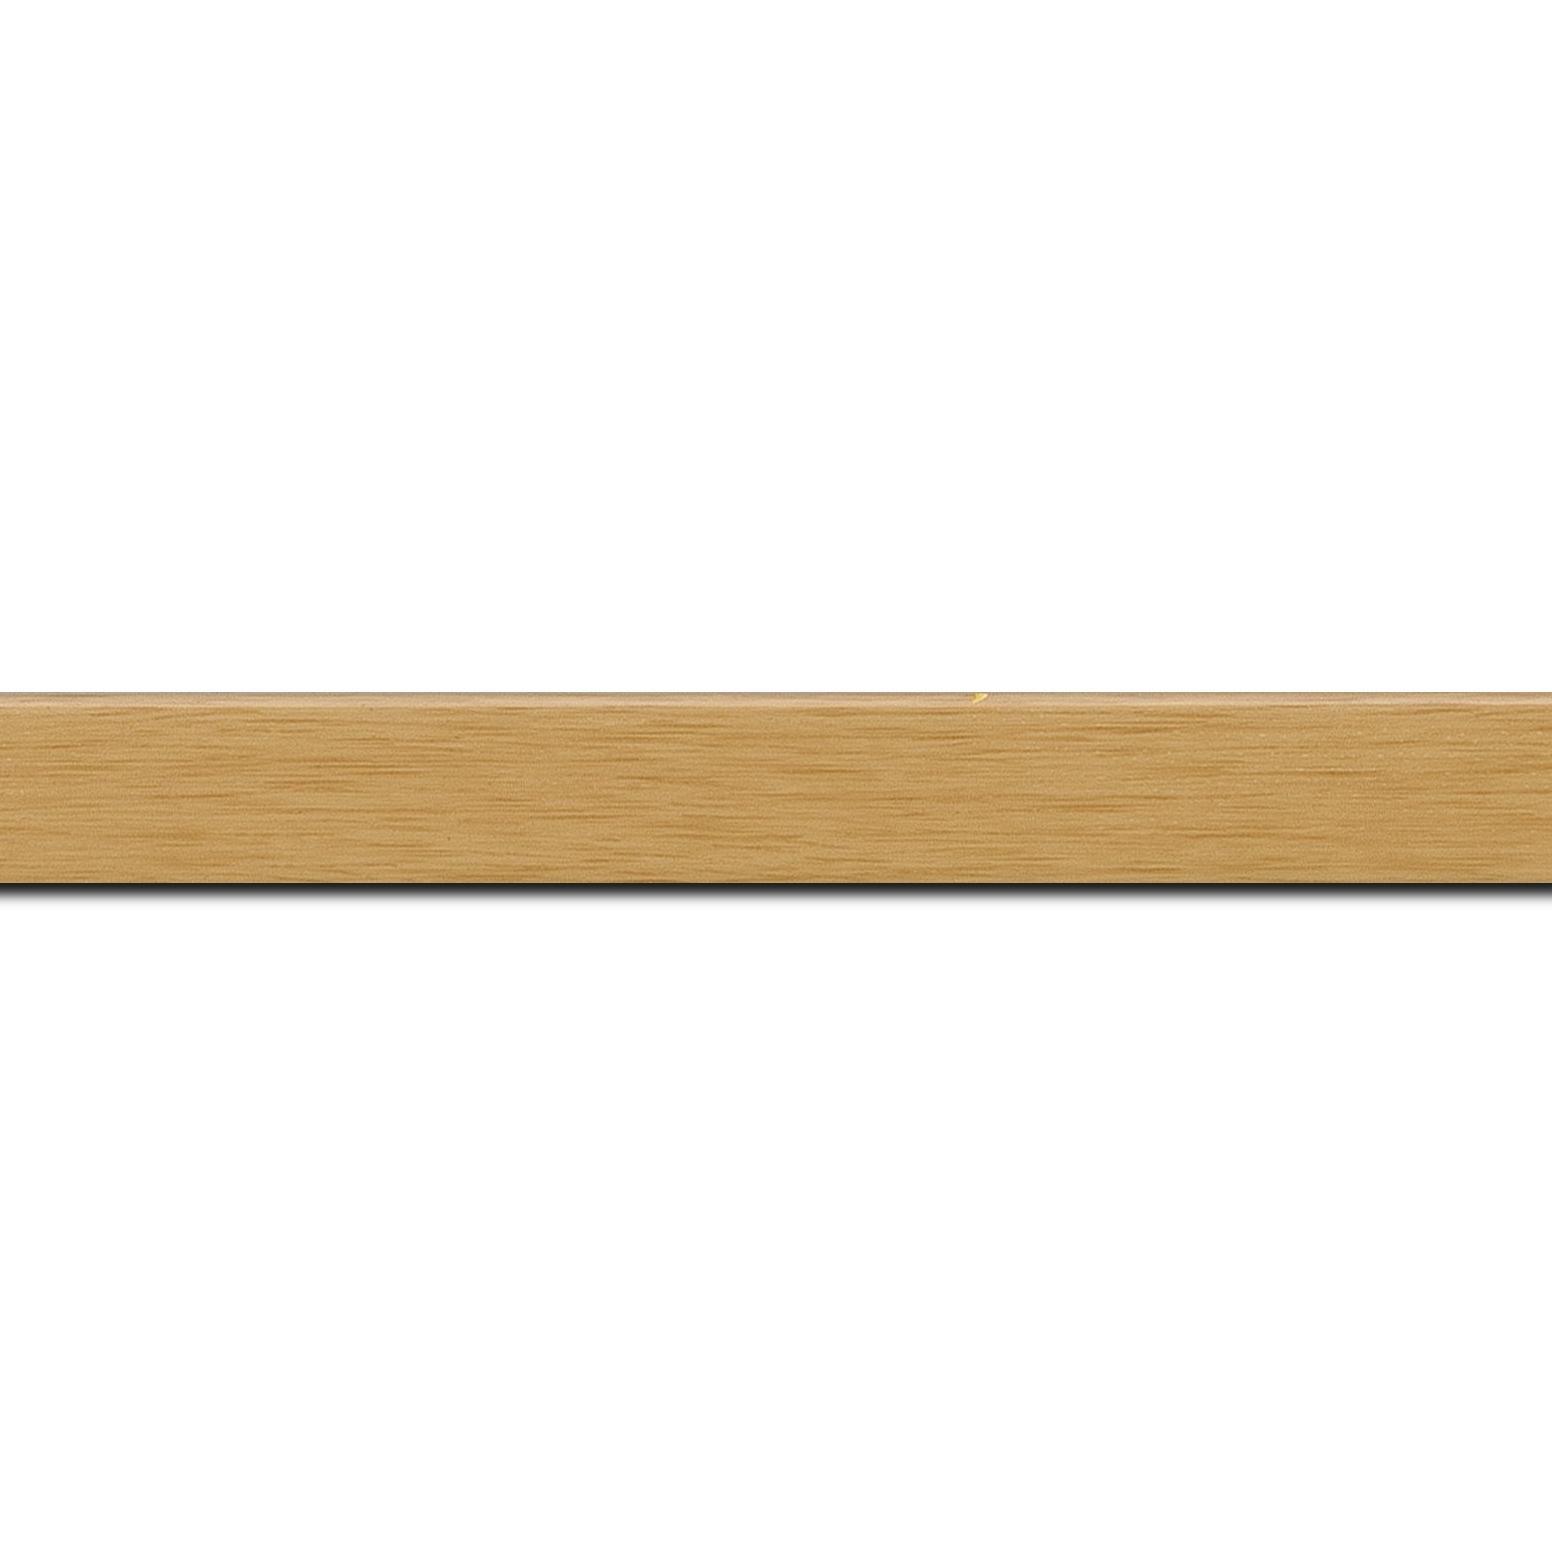 Baguette longueur 1.40m bois profil plat largeur 2cm ayous massif naturel (sans vernis, peut être peint...)